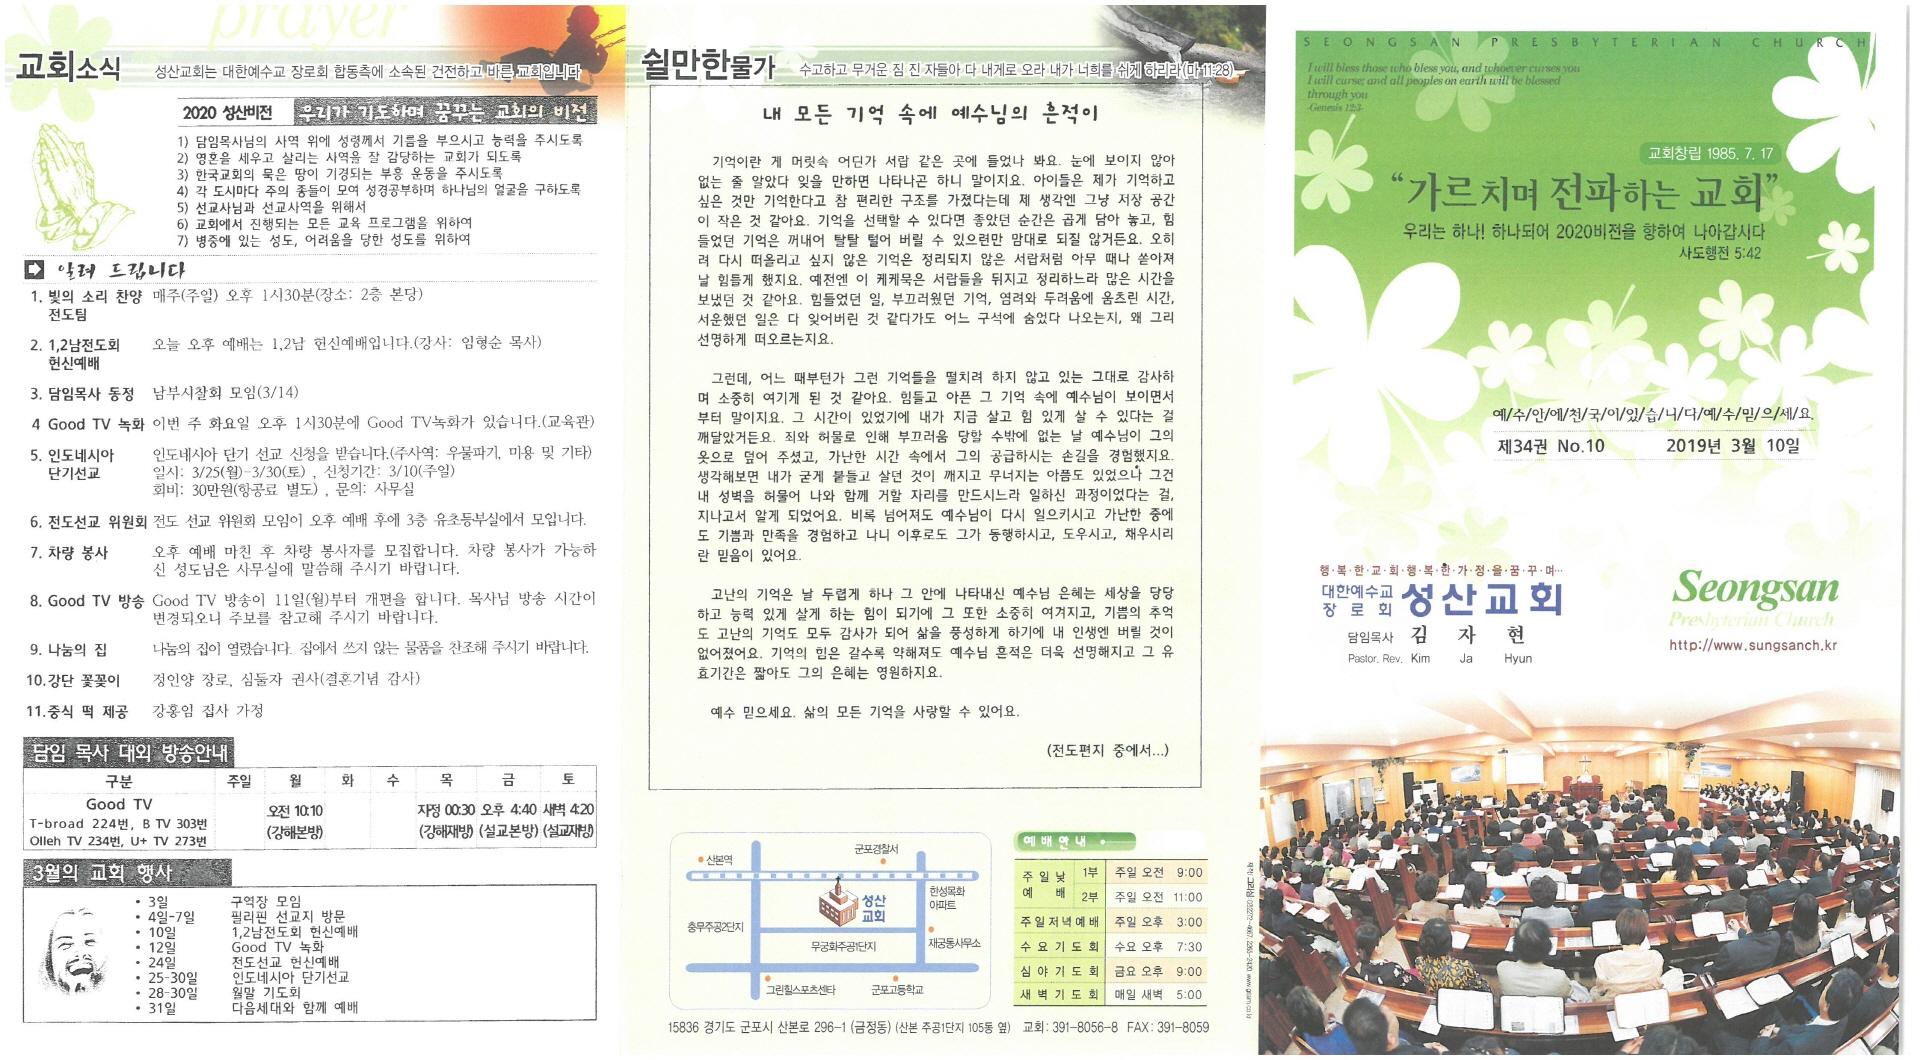 축소S22C-6e19032113330_0001.jpg